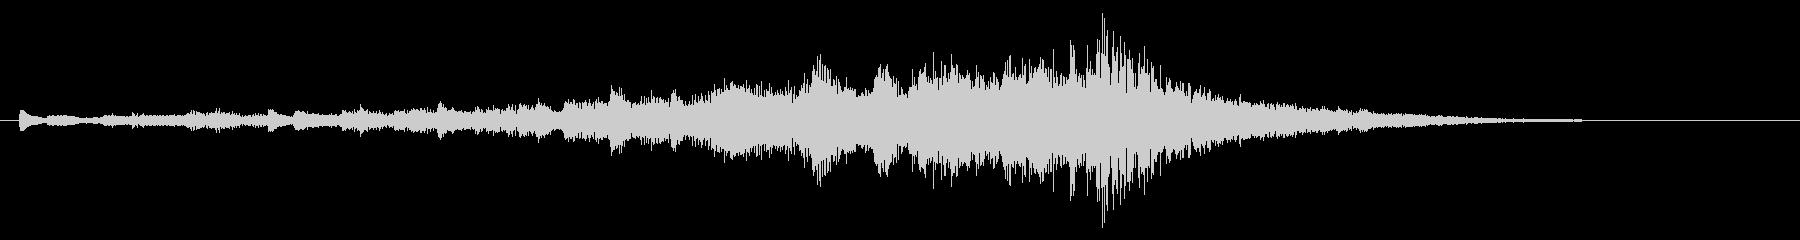 重めのサウンドロゴの未再生の波形